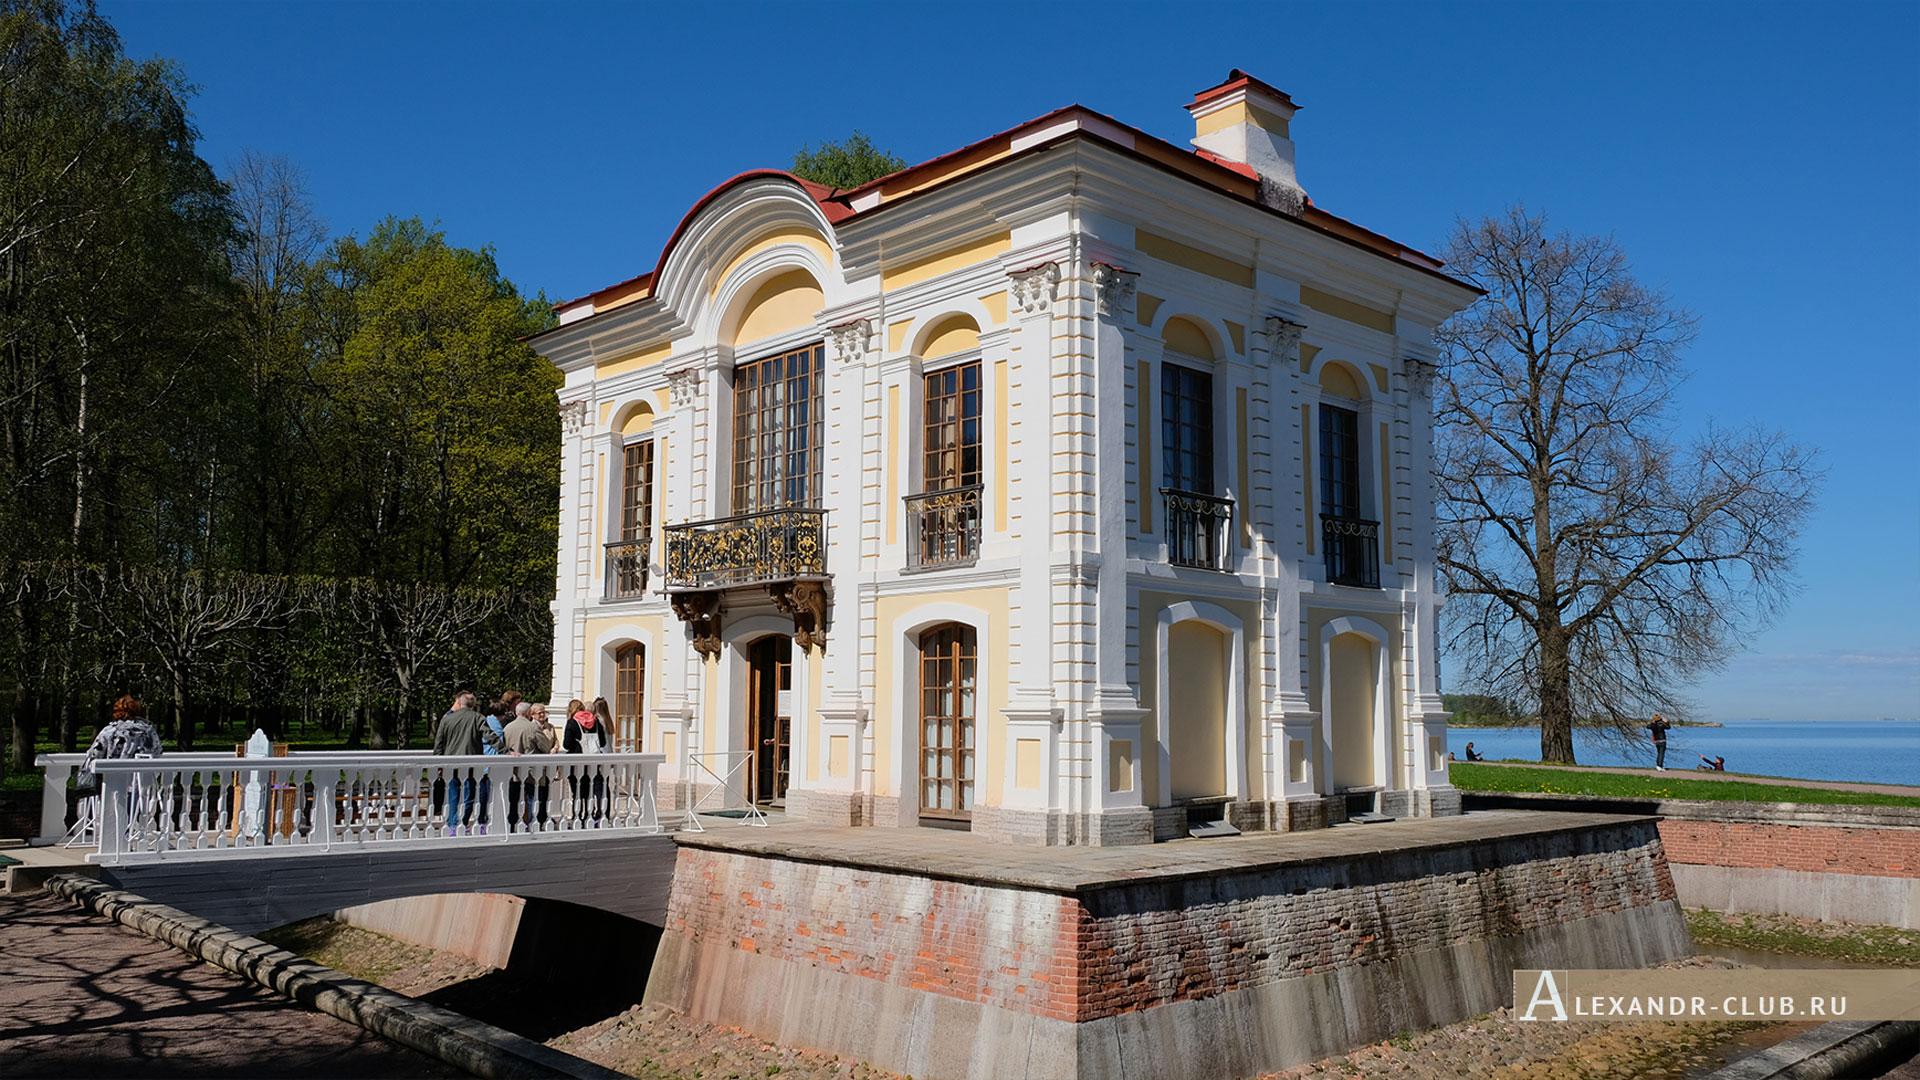 Петергоф, весна, Нижний парк, павильон «Эрмитаж»